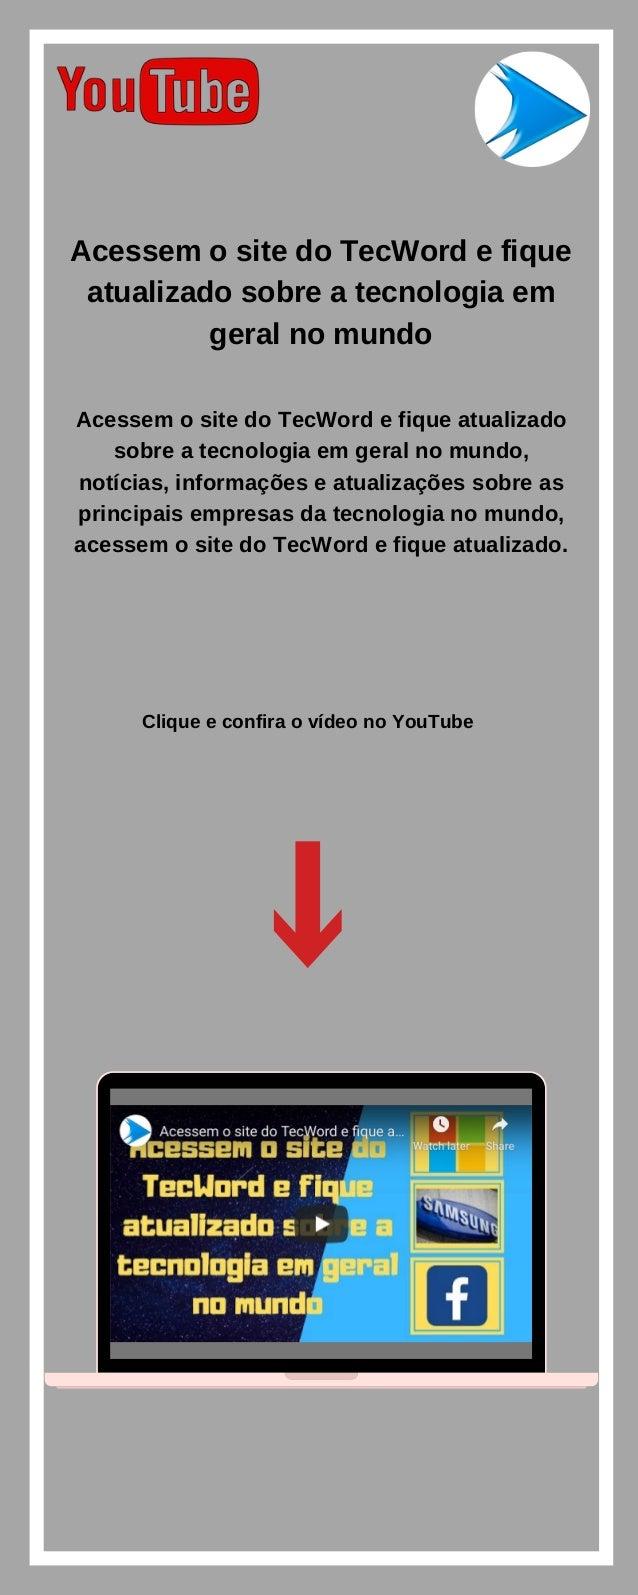 Acessem o site do TecWord e fique atualizado sobre a tecnologia em geral no mundo Clique e confira o v�deo no YouTube Aces...